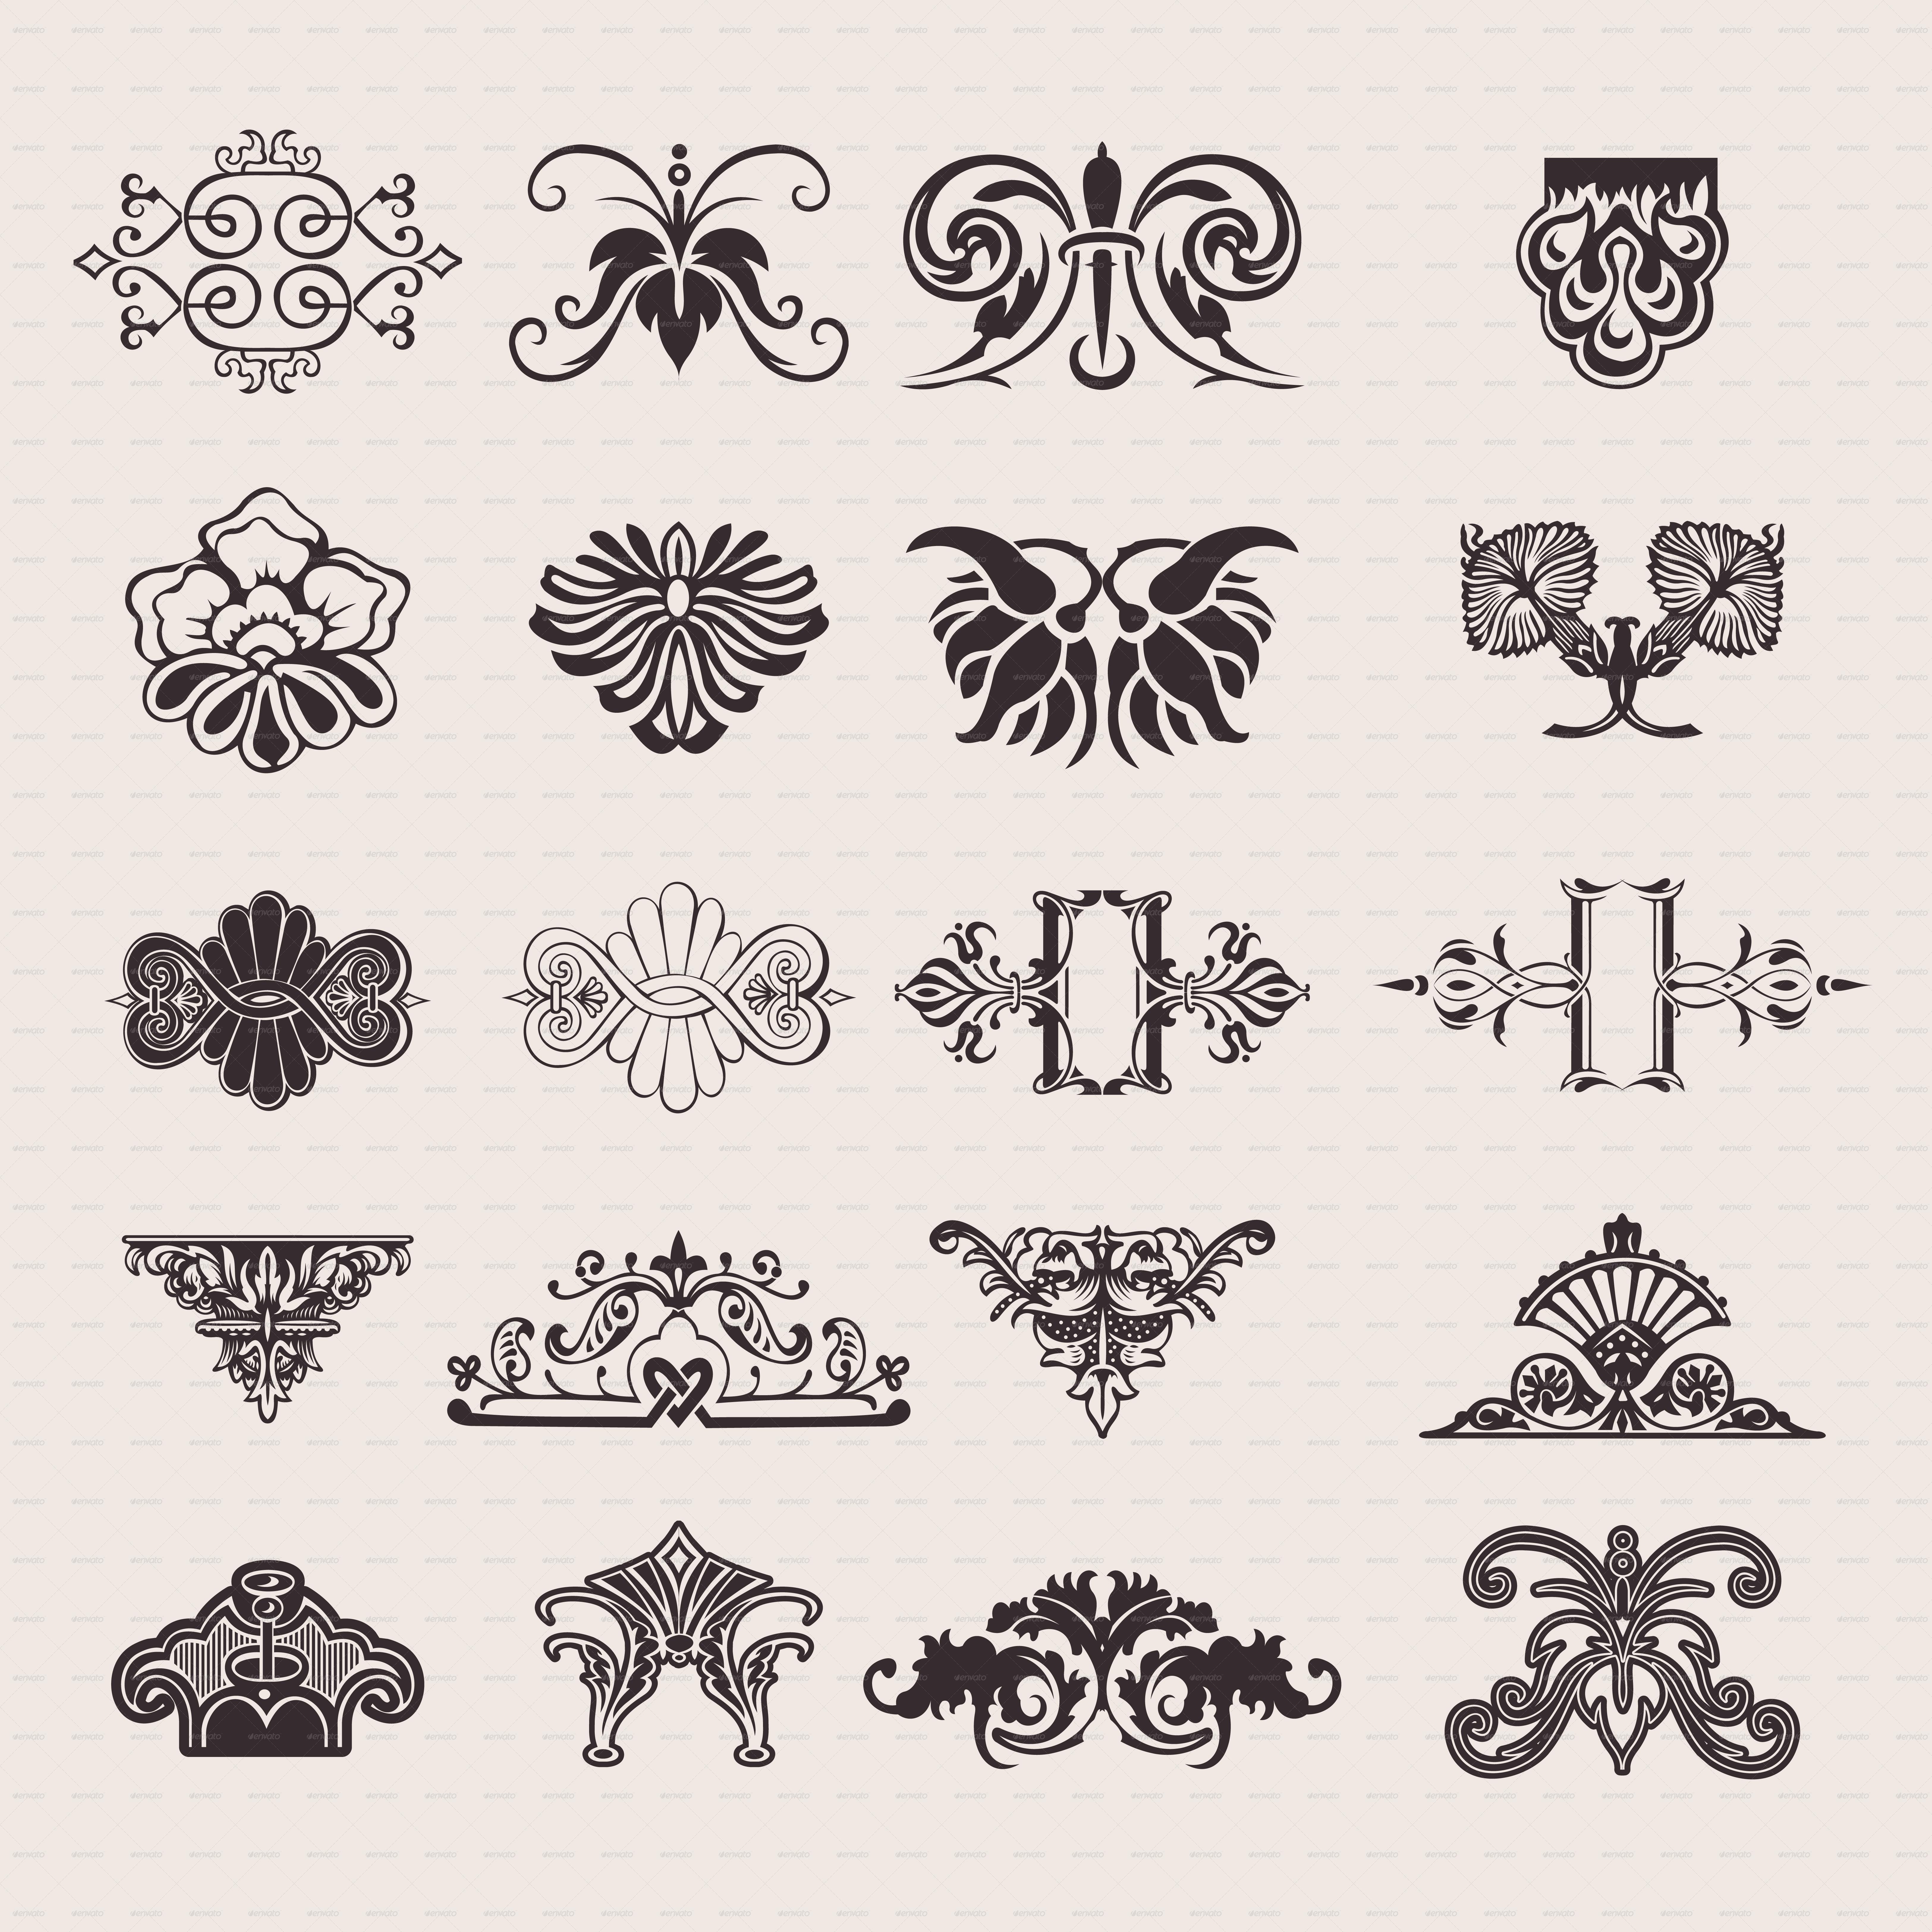 Set Of 20 One Color Ornate Design Elements